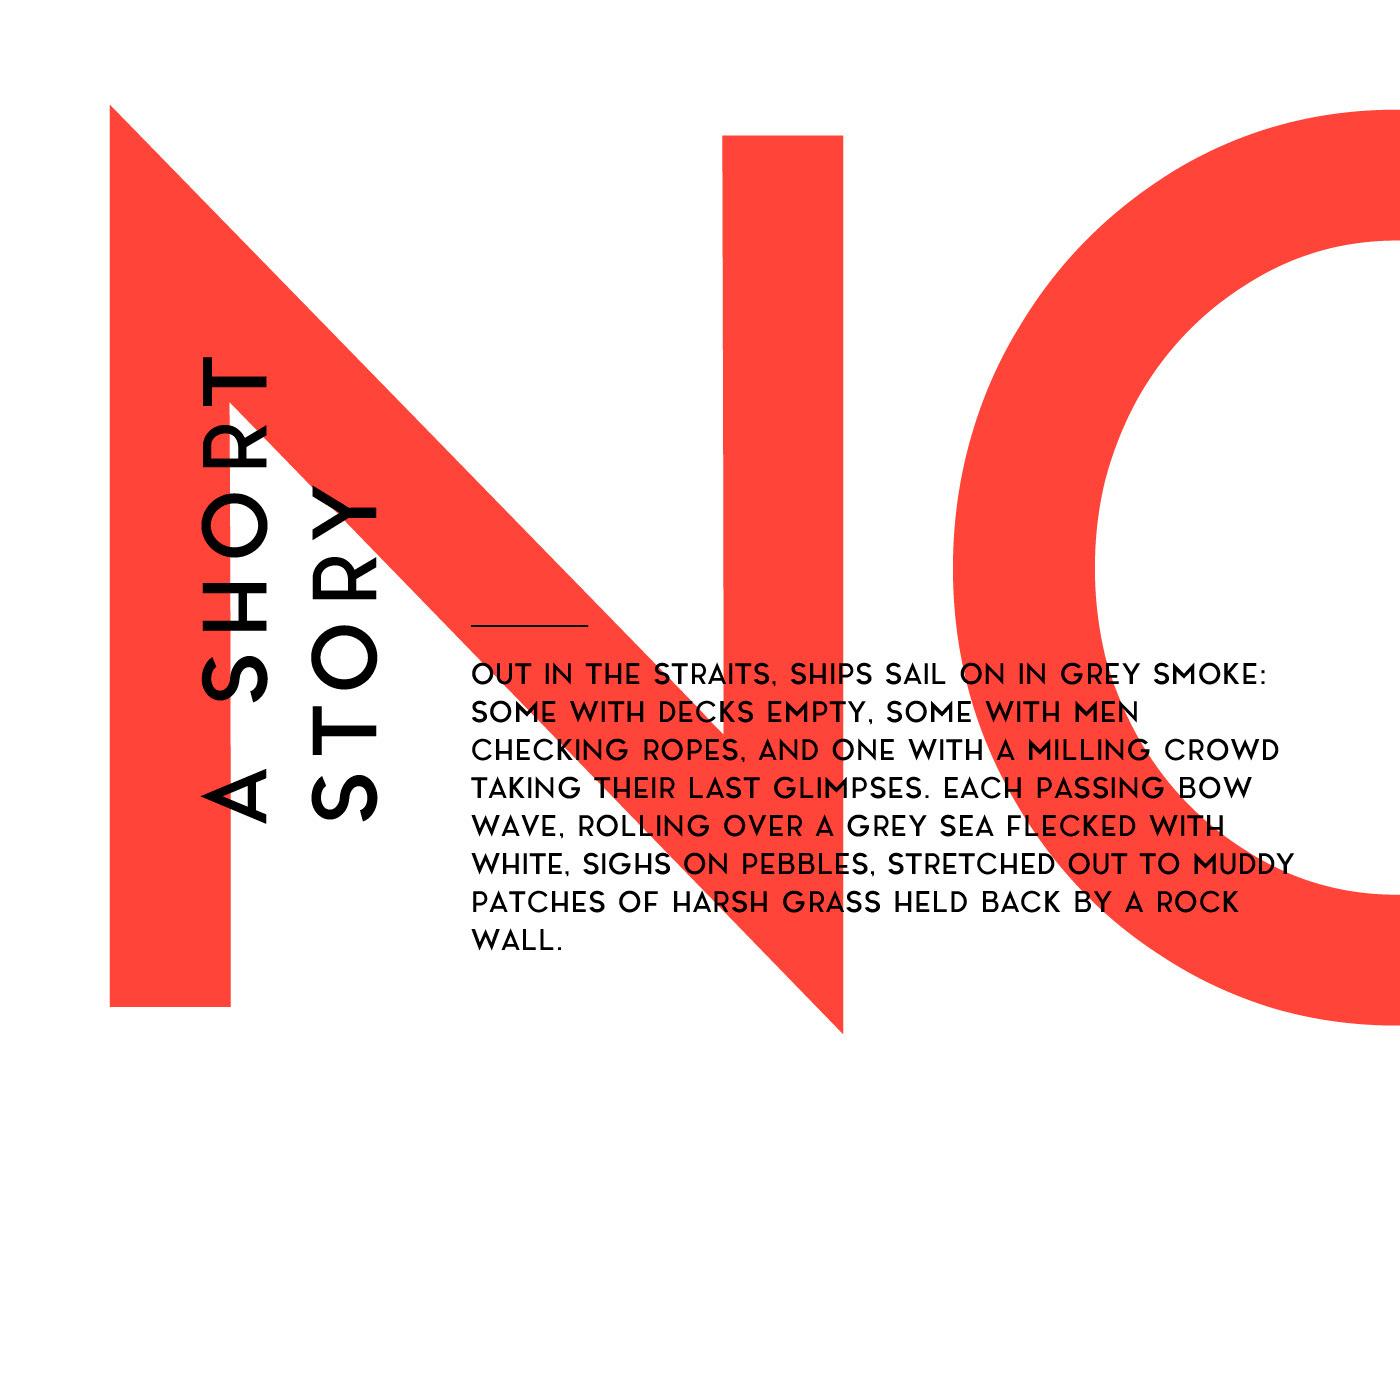 font schrift type typo Retro noir gerade eckig zacken Schreiben Versal Headline poster